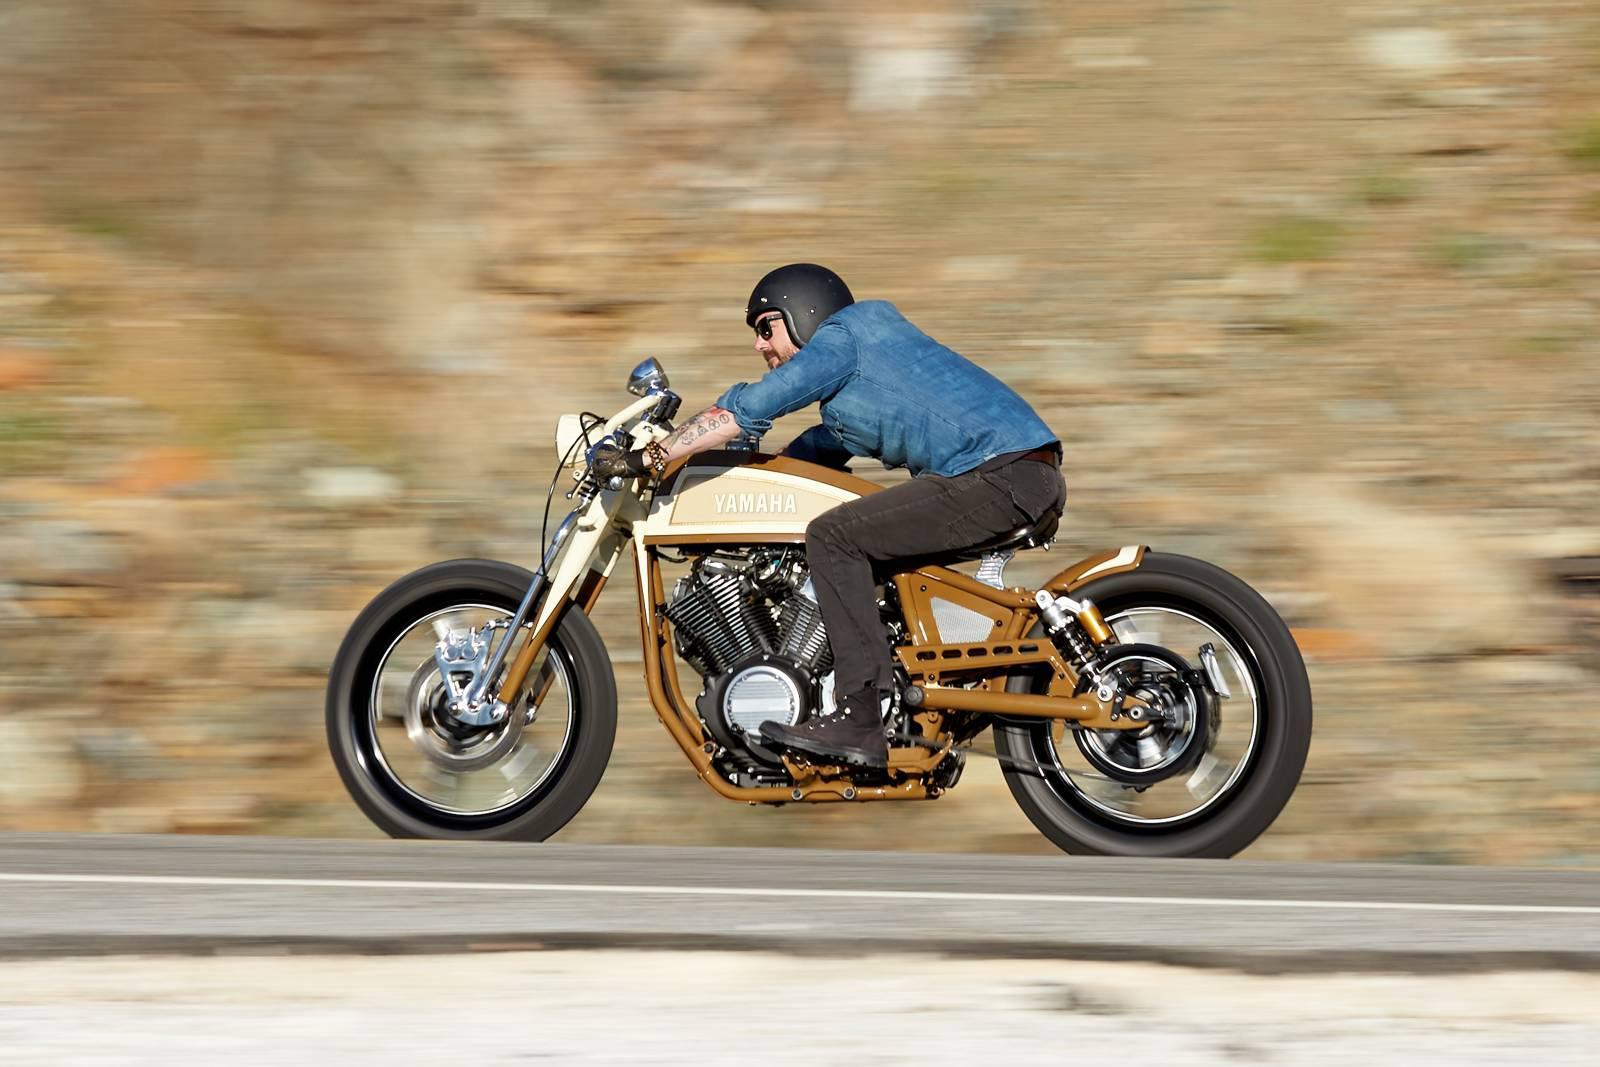 yamaha xv950 playa del ray motorrad fotos motorrad bilder. Black Bedroom Furniture Sets. Home Design Ideas